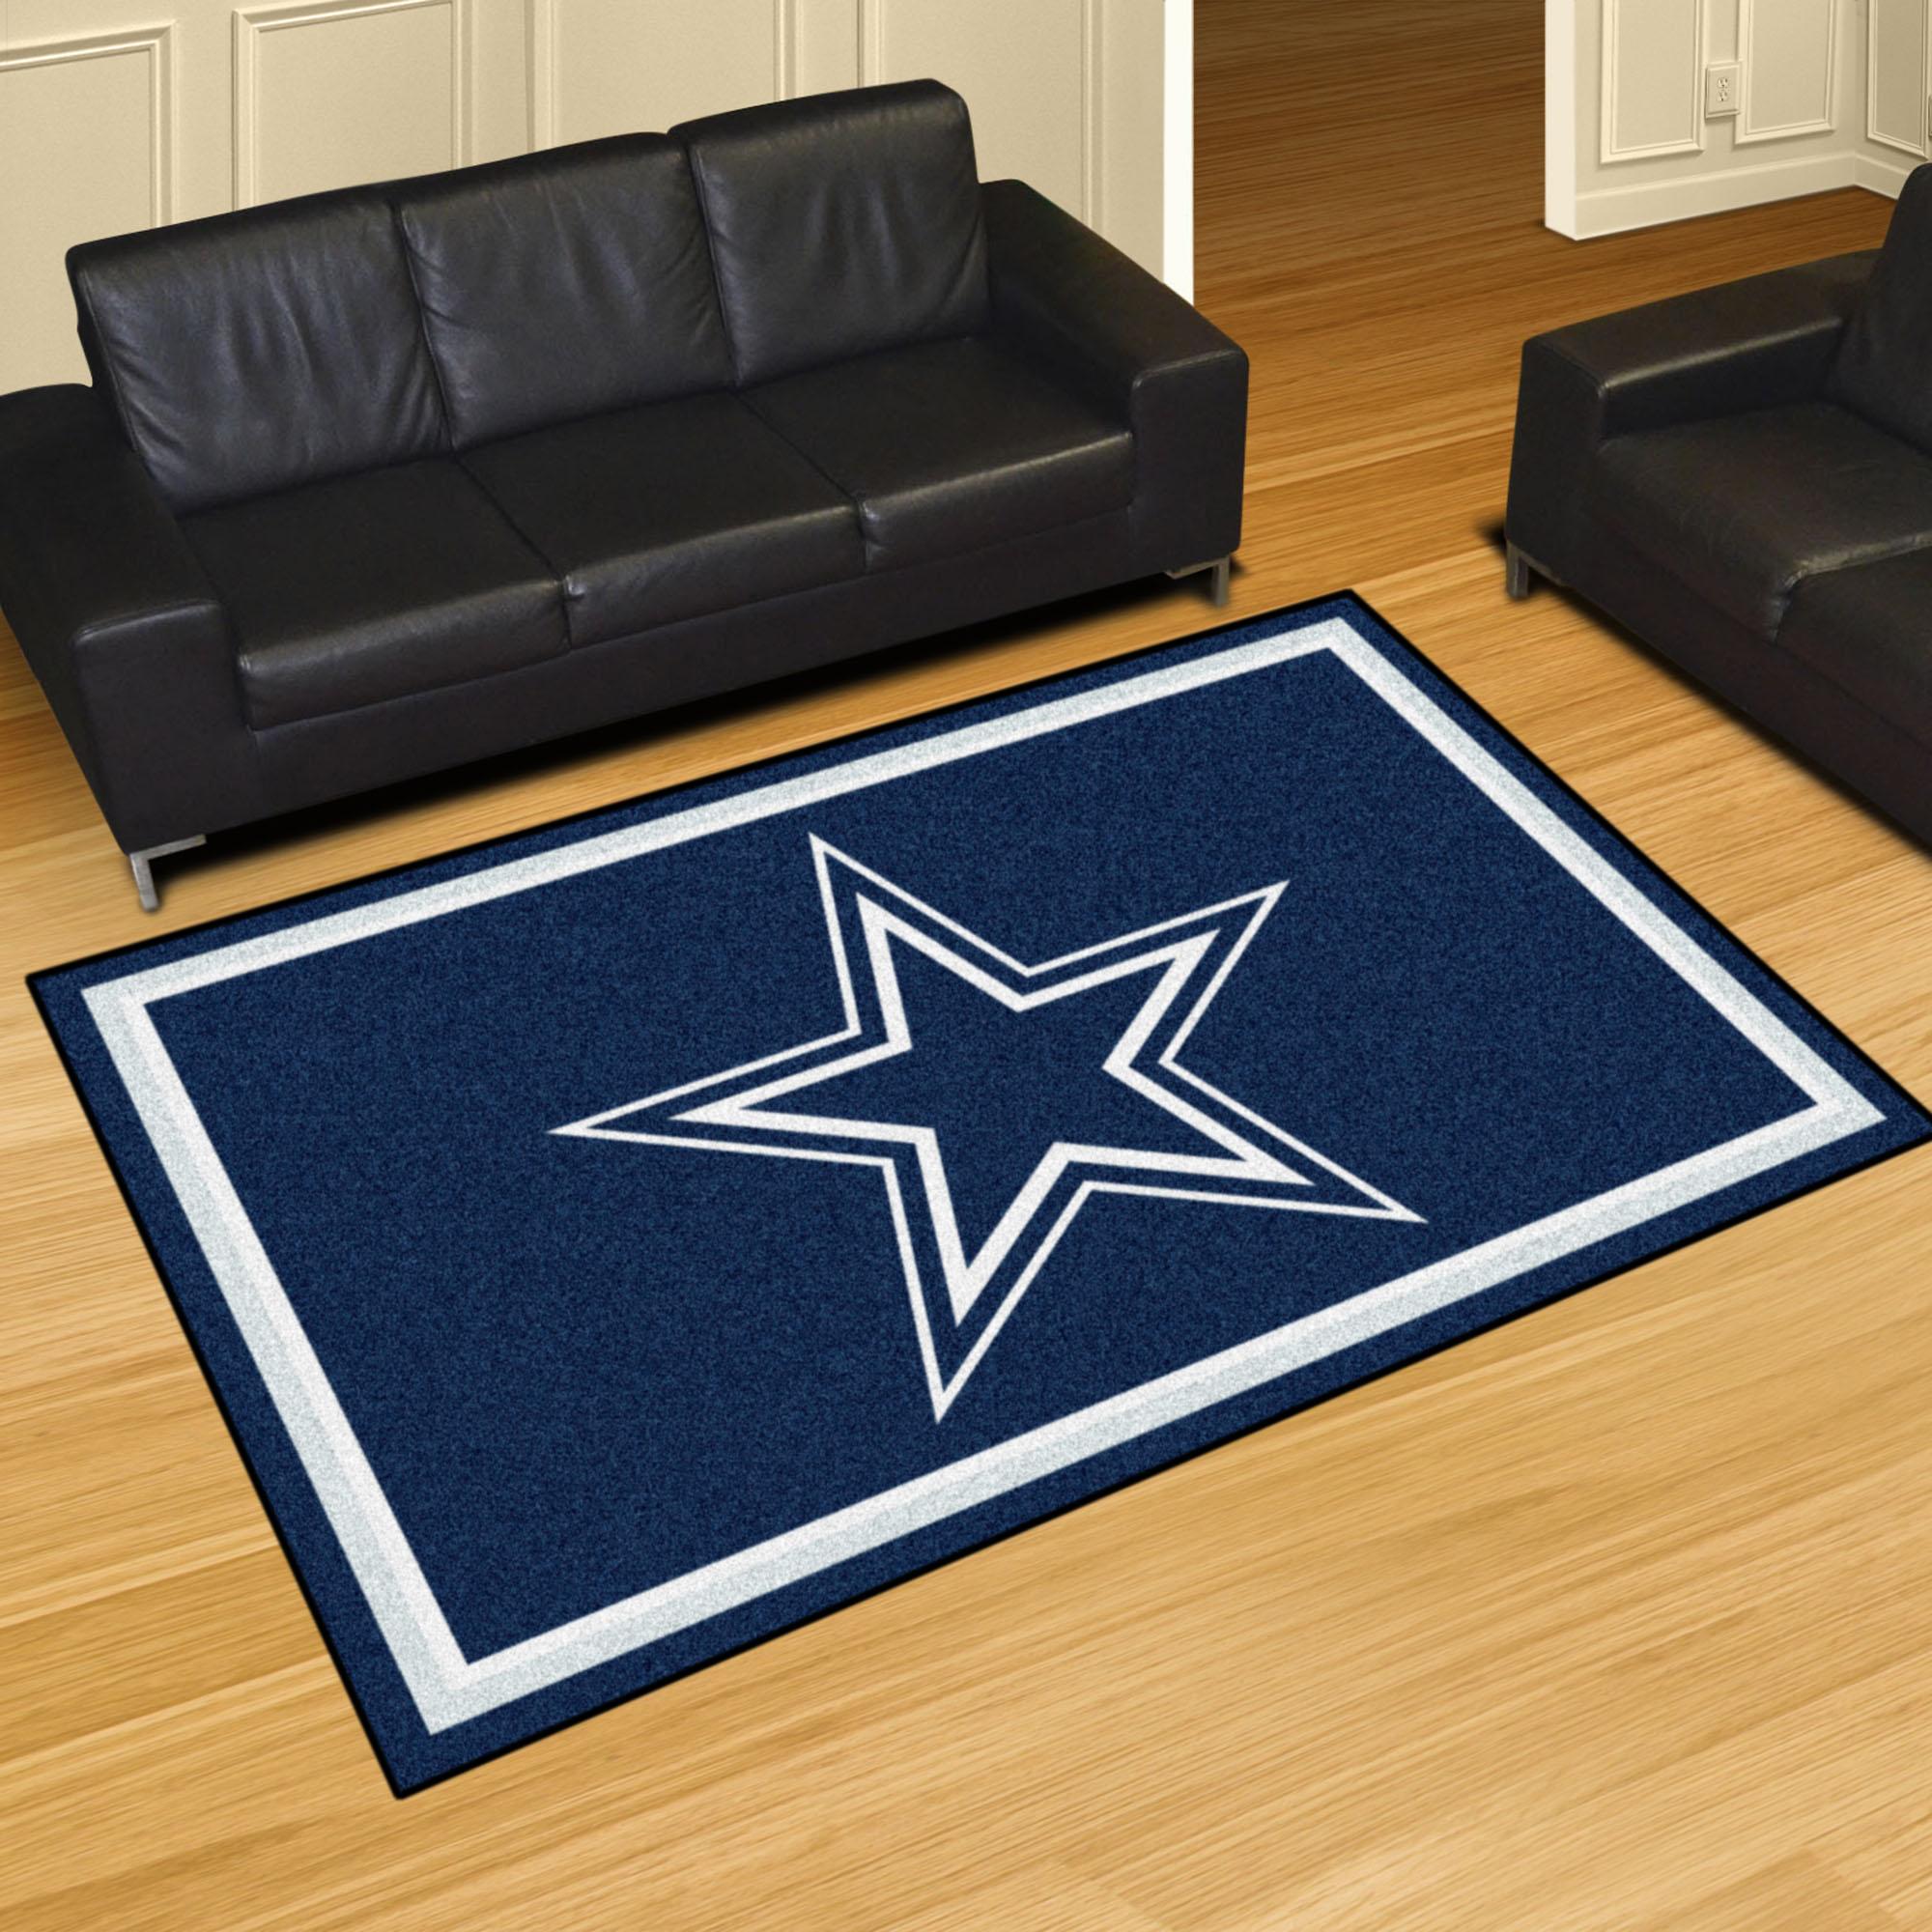 Green Rug Clean Dallas: Dallas Cowboys 5x8 Area Rug